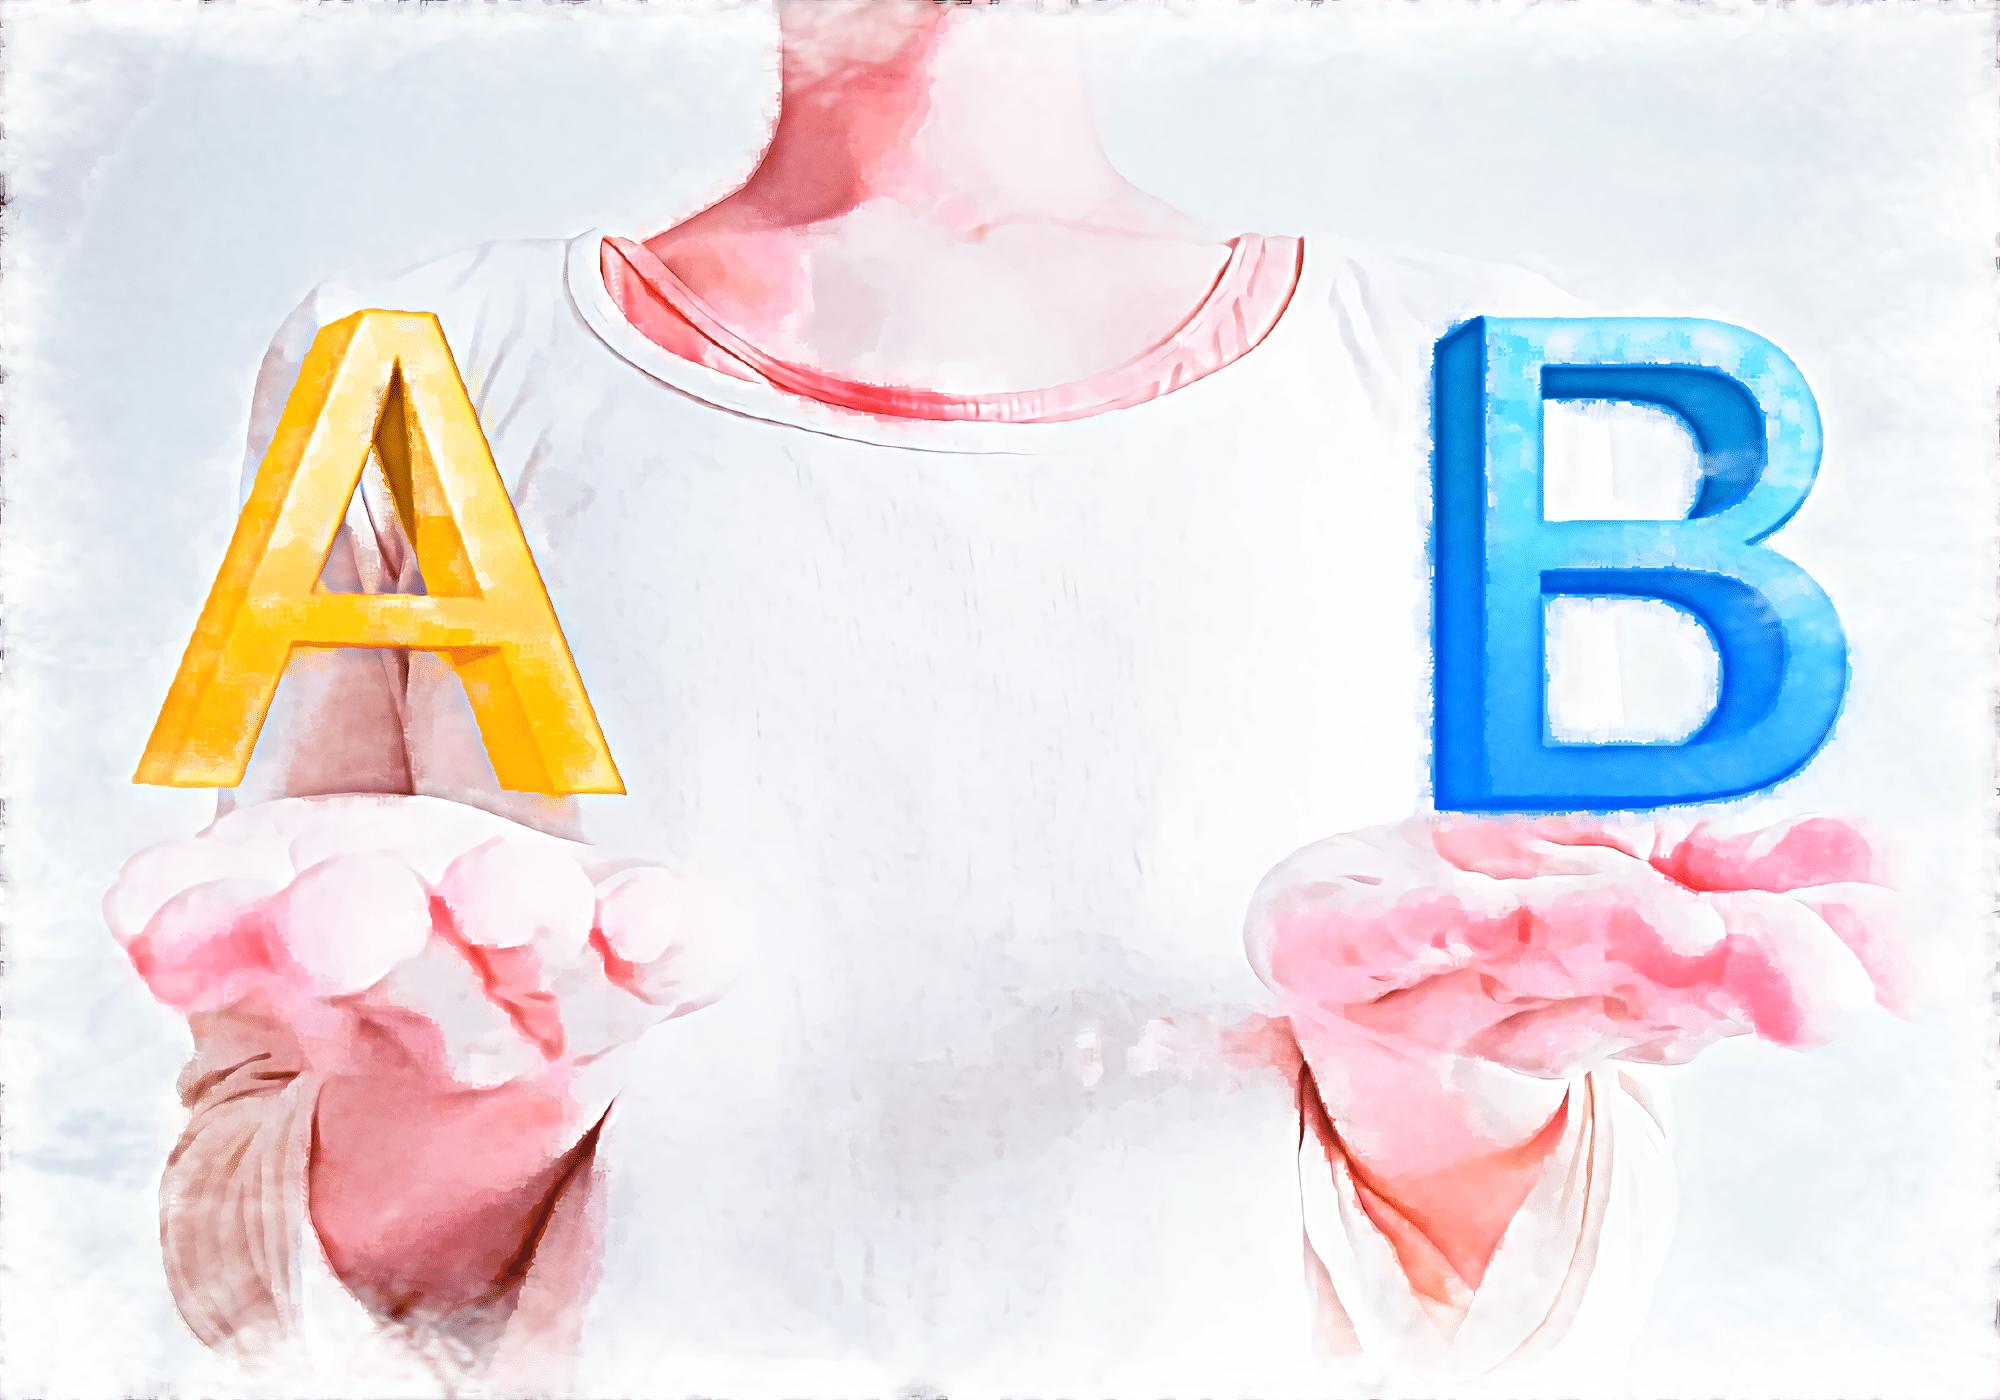 AとBの文字を持つ女性